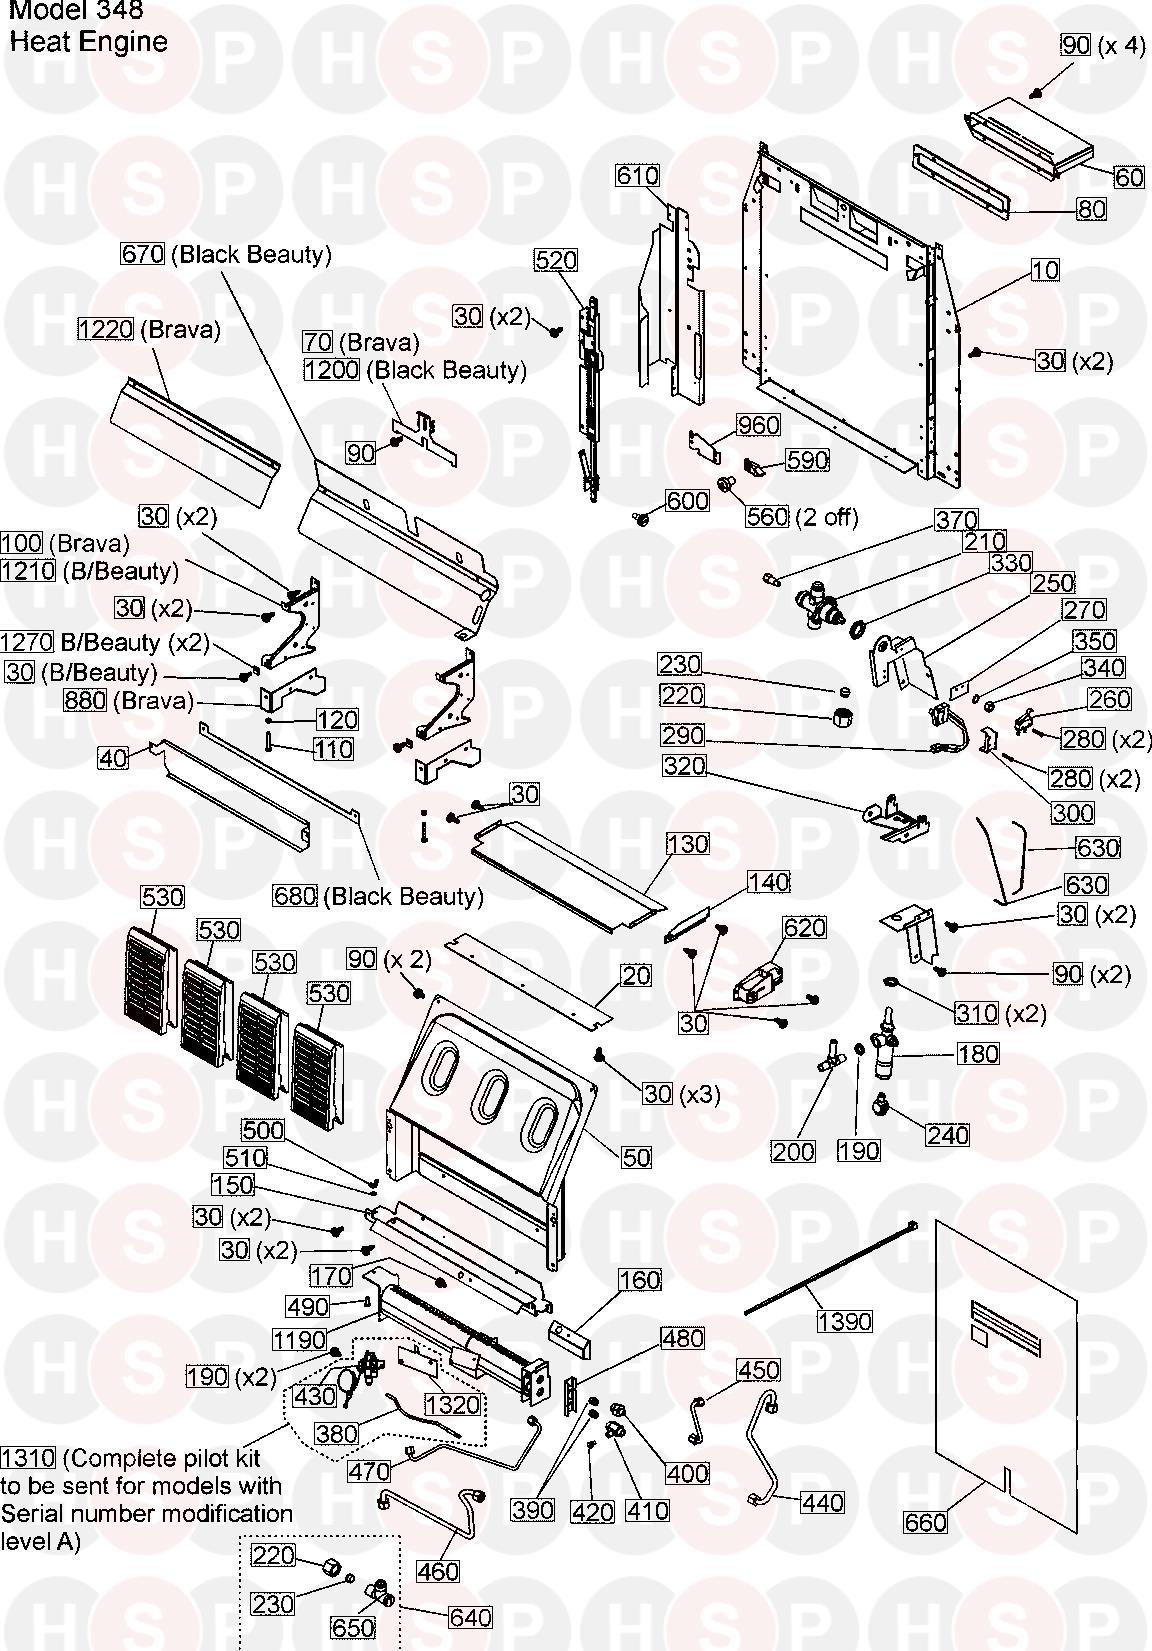 hypermotard 796 engine diagram valve